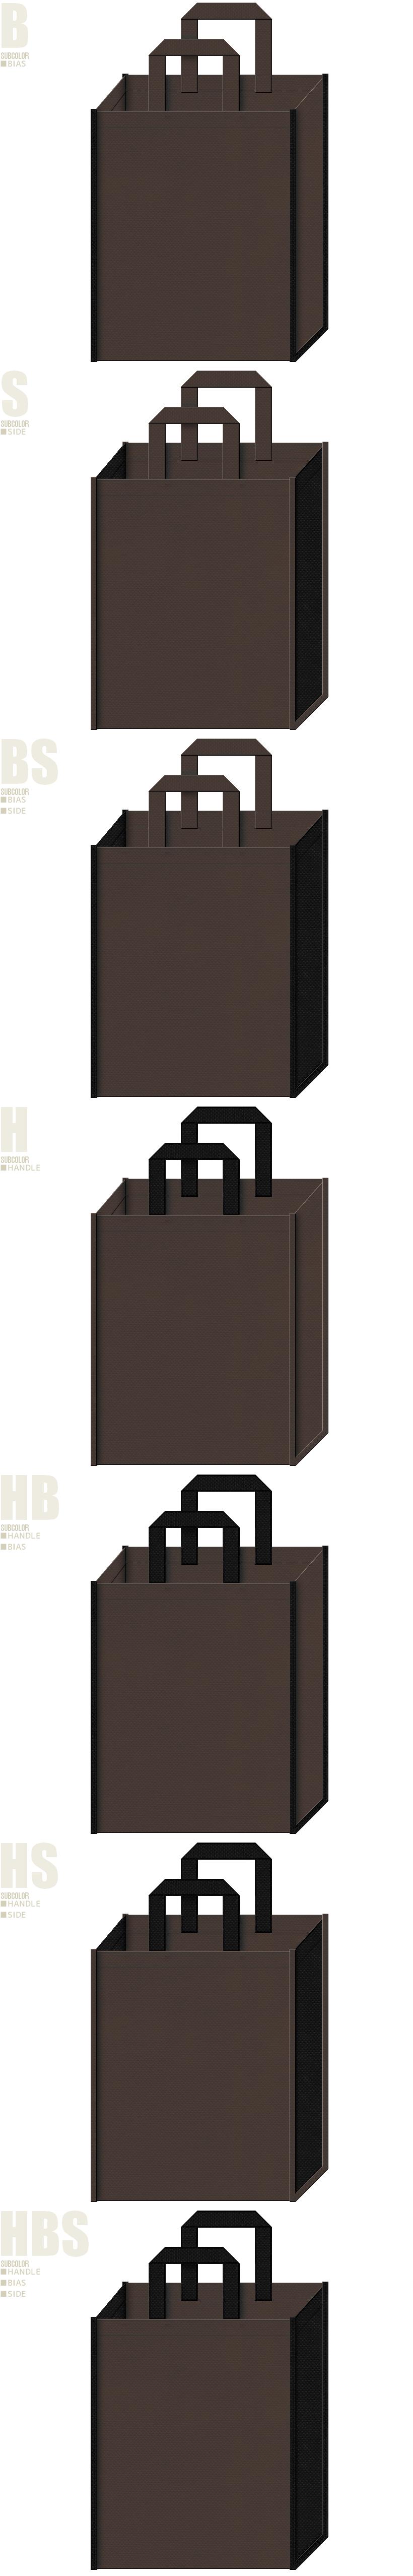 忍者・武芸・お城・ホラー・格闘ゲームにお奨めの不織布バッグデザイン:こげ茶色と黒色の不織布バッグ配色7パターン。